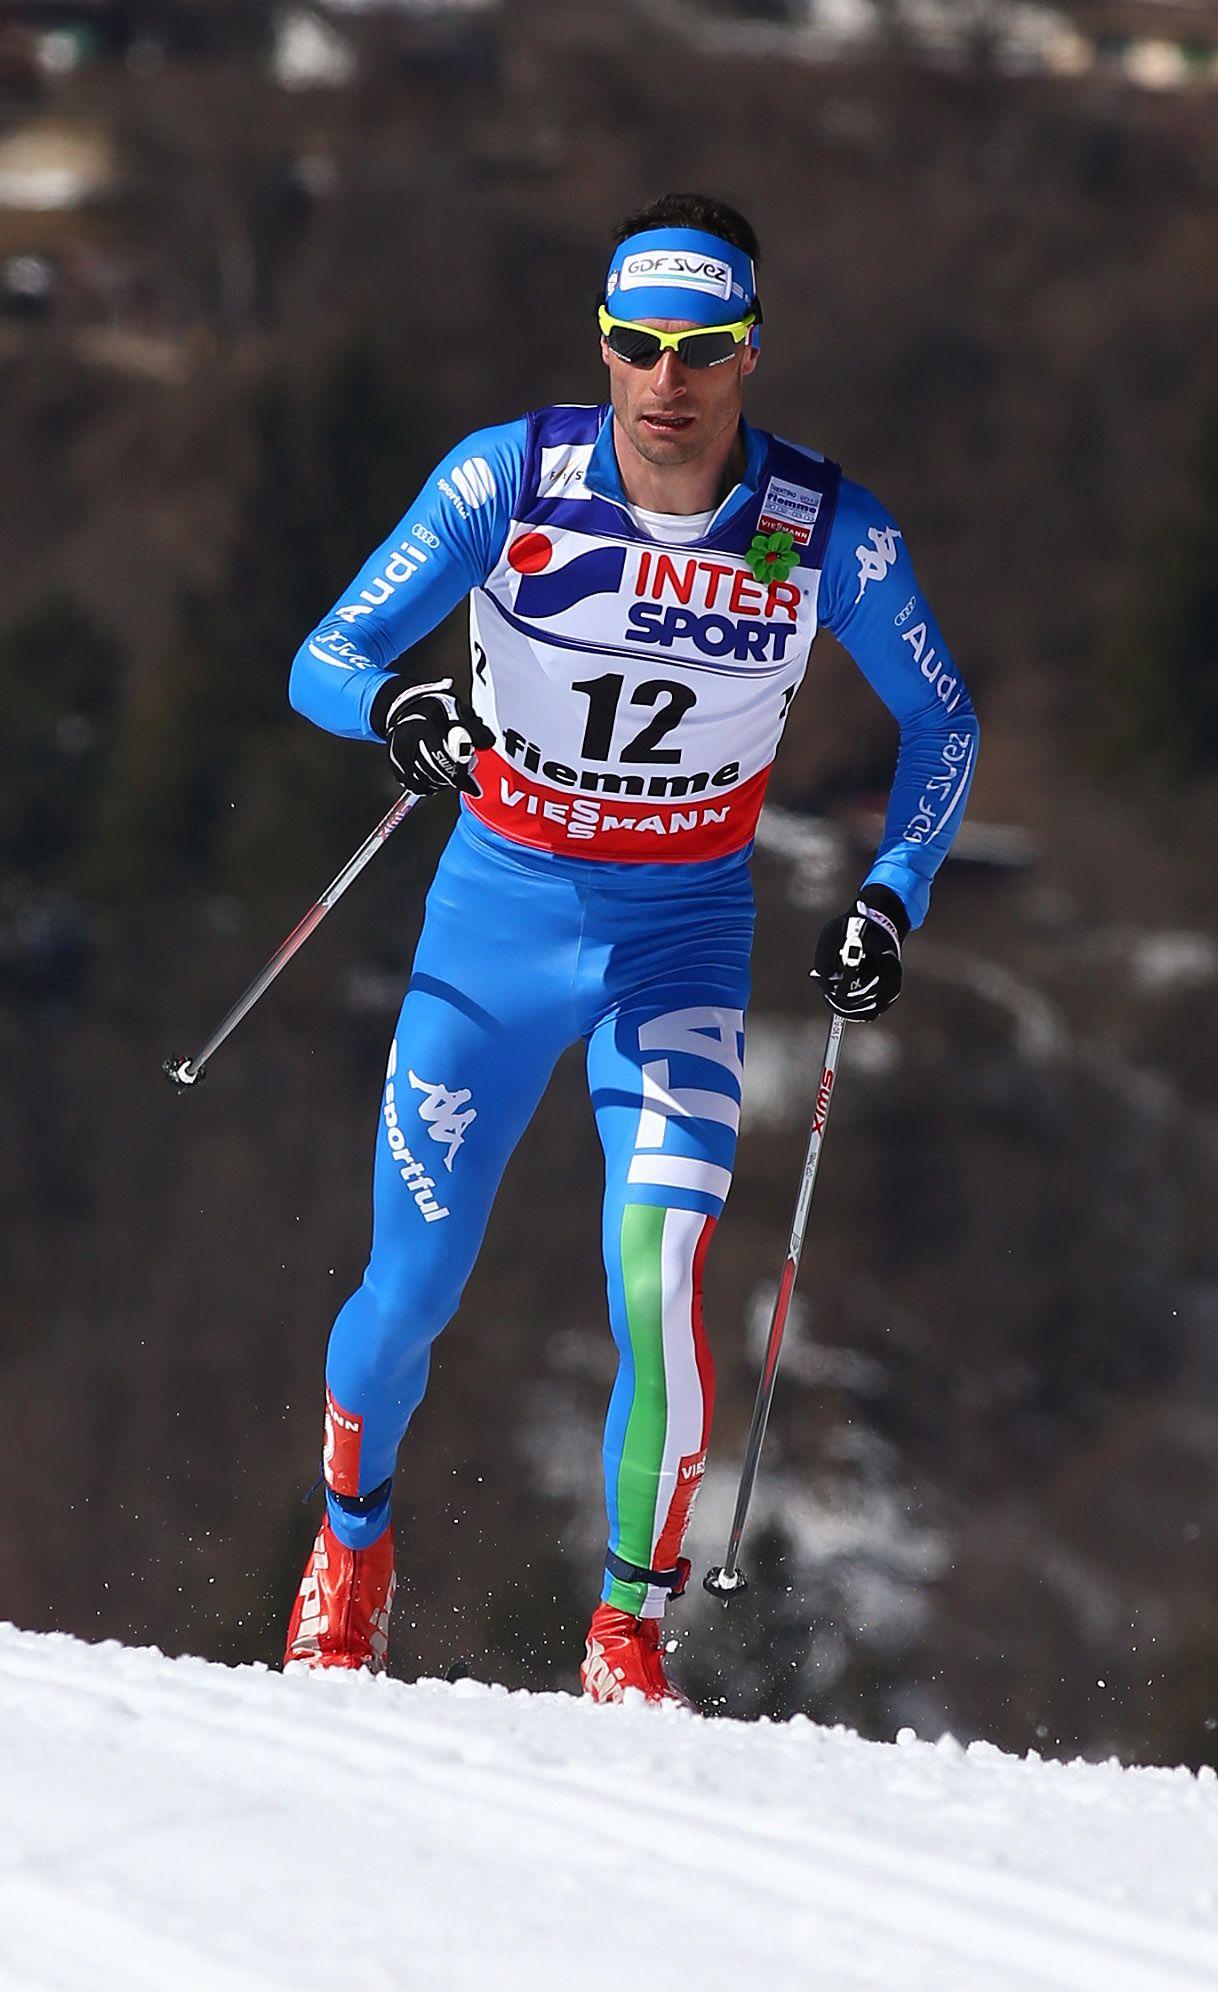 Giorgio Di Centa